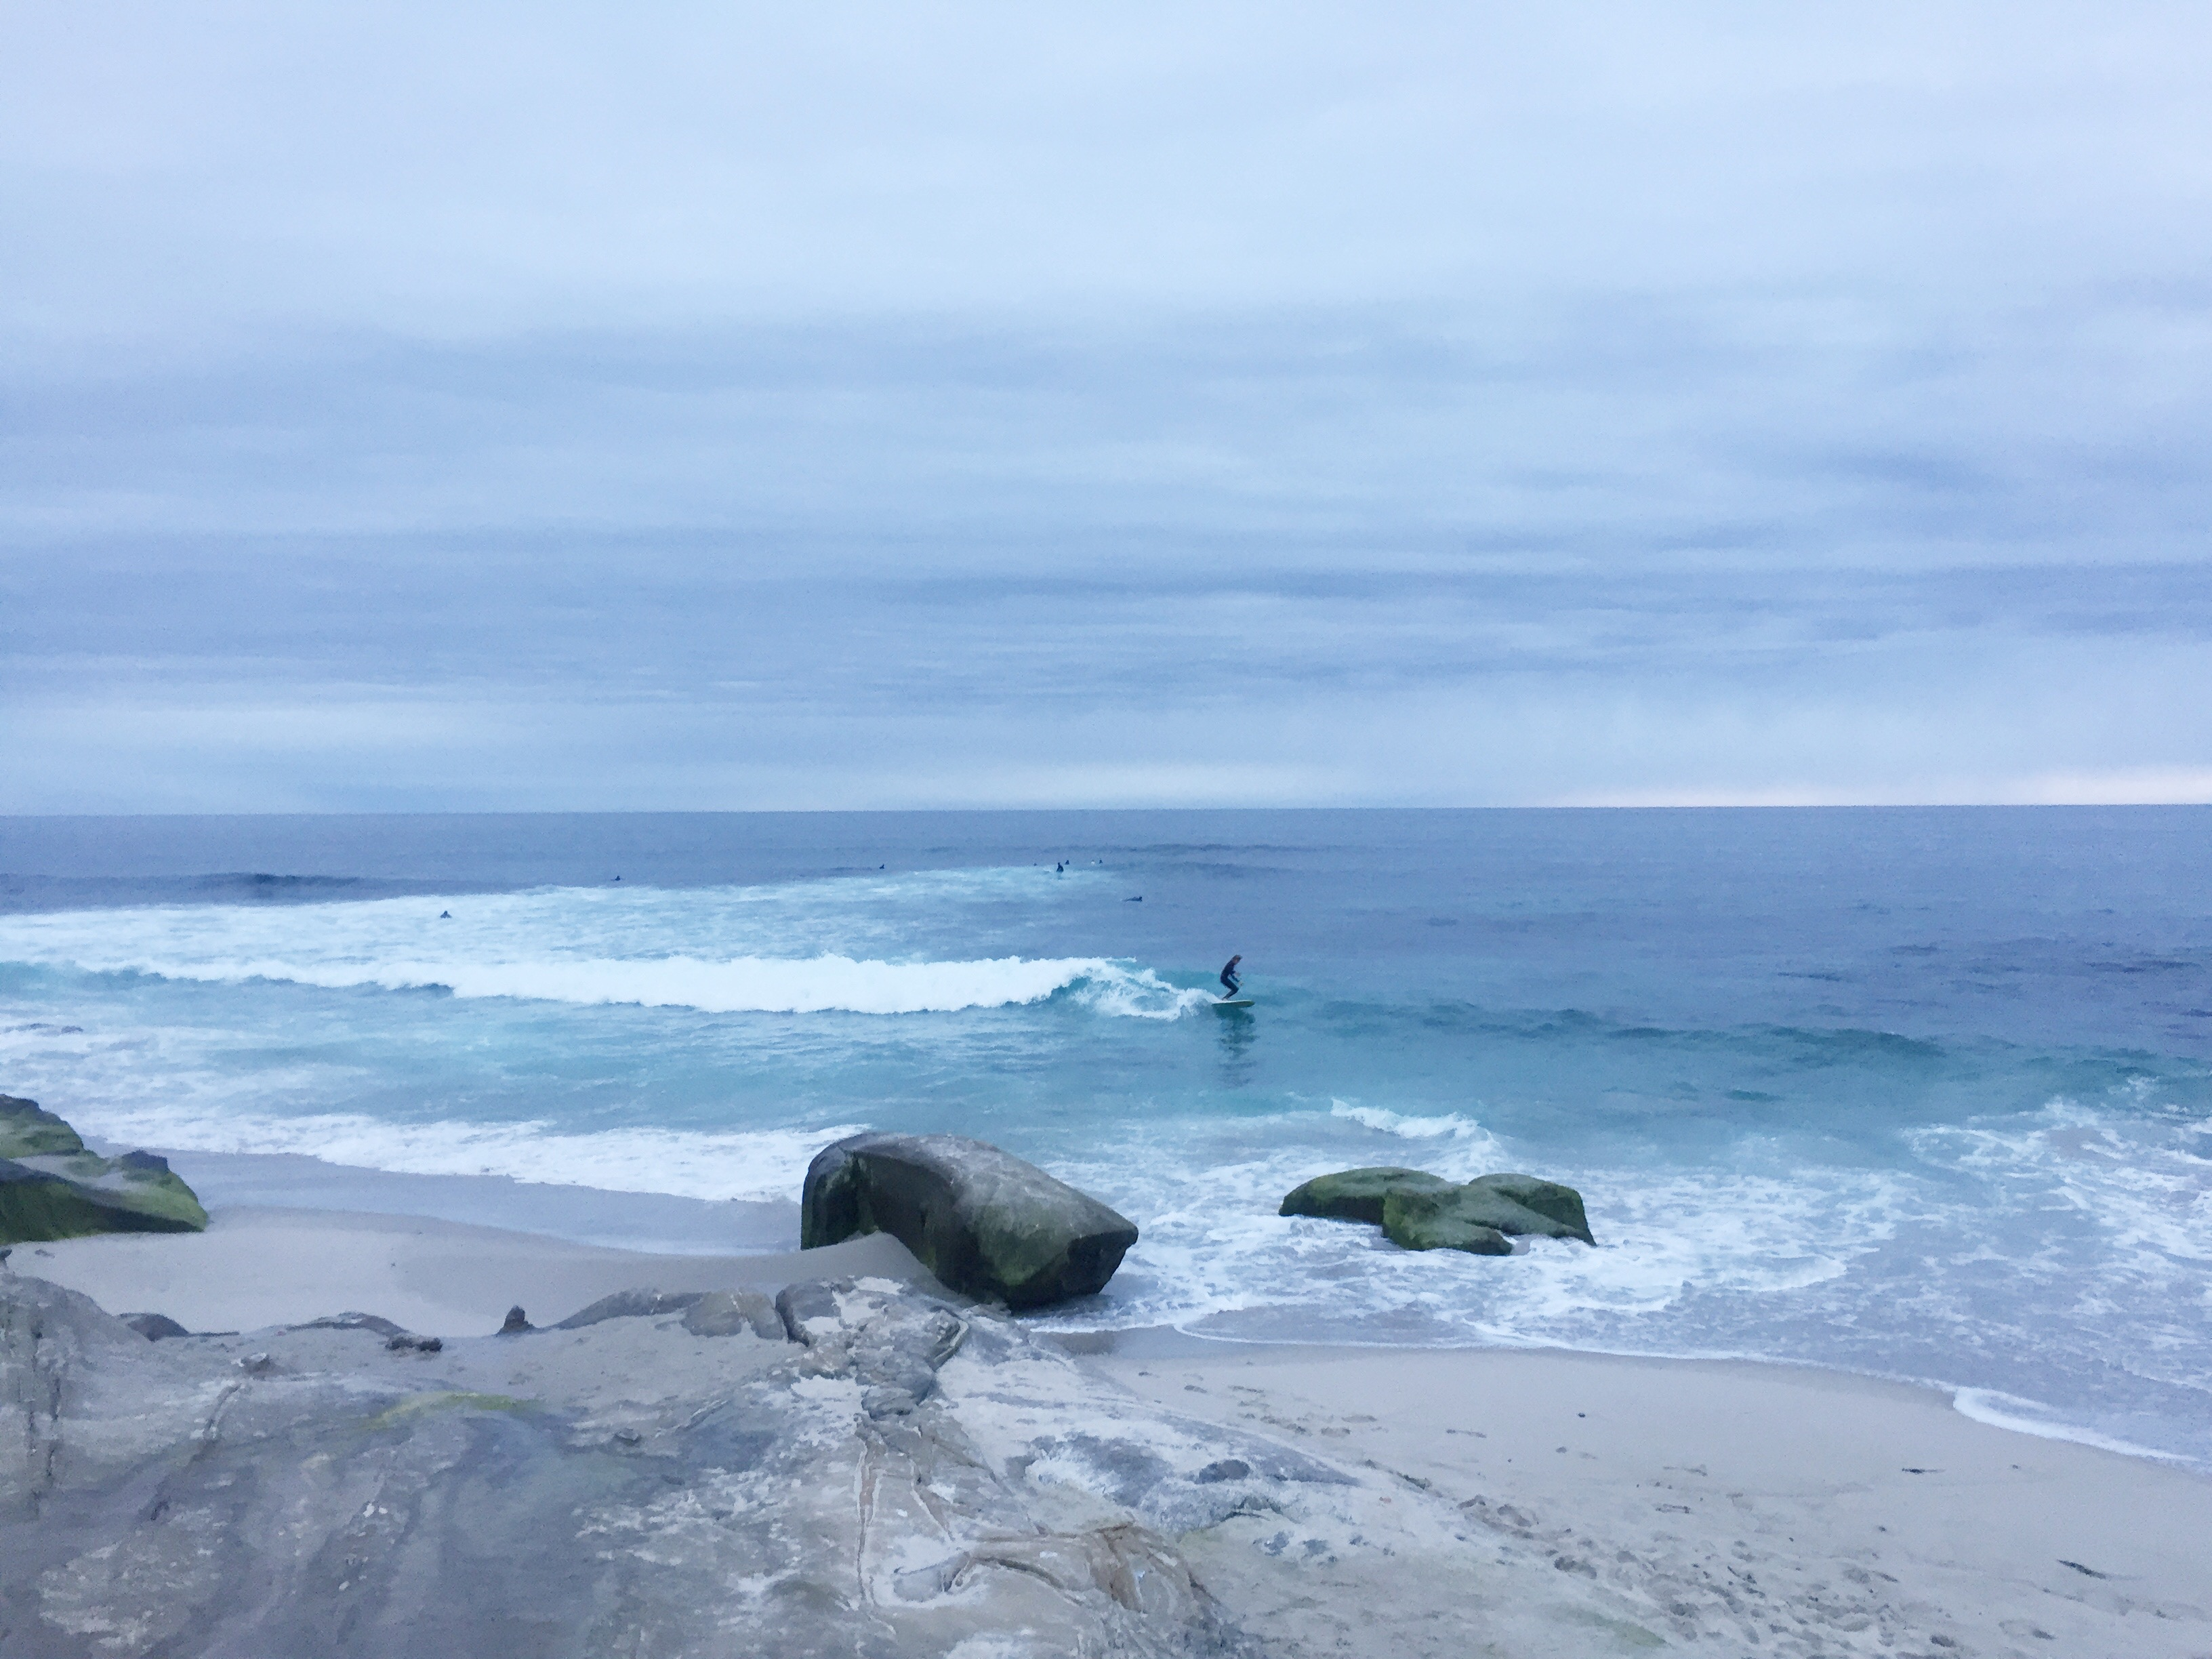 Torrey_Pines_paddleboarding